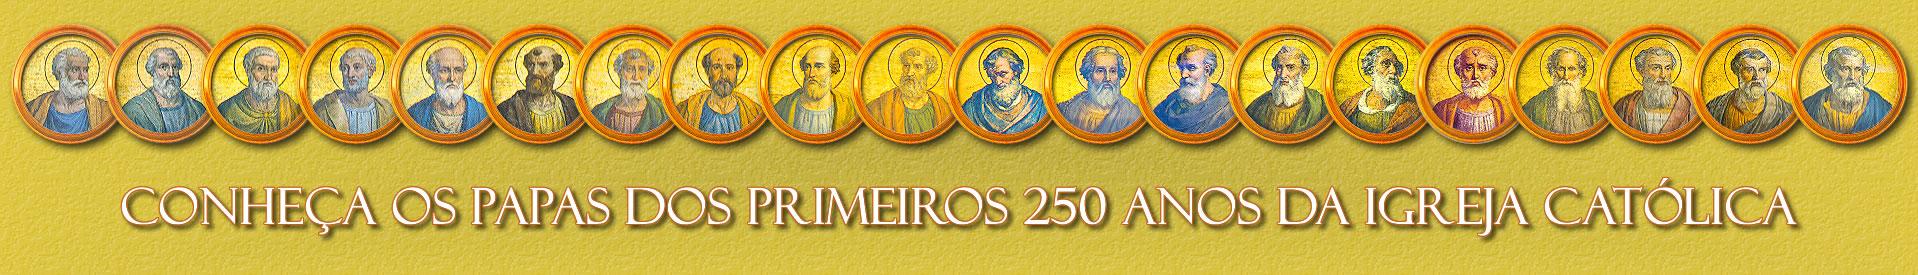 250 anos de história dos Papas